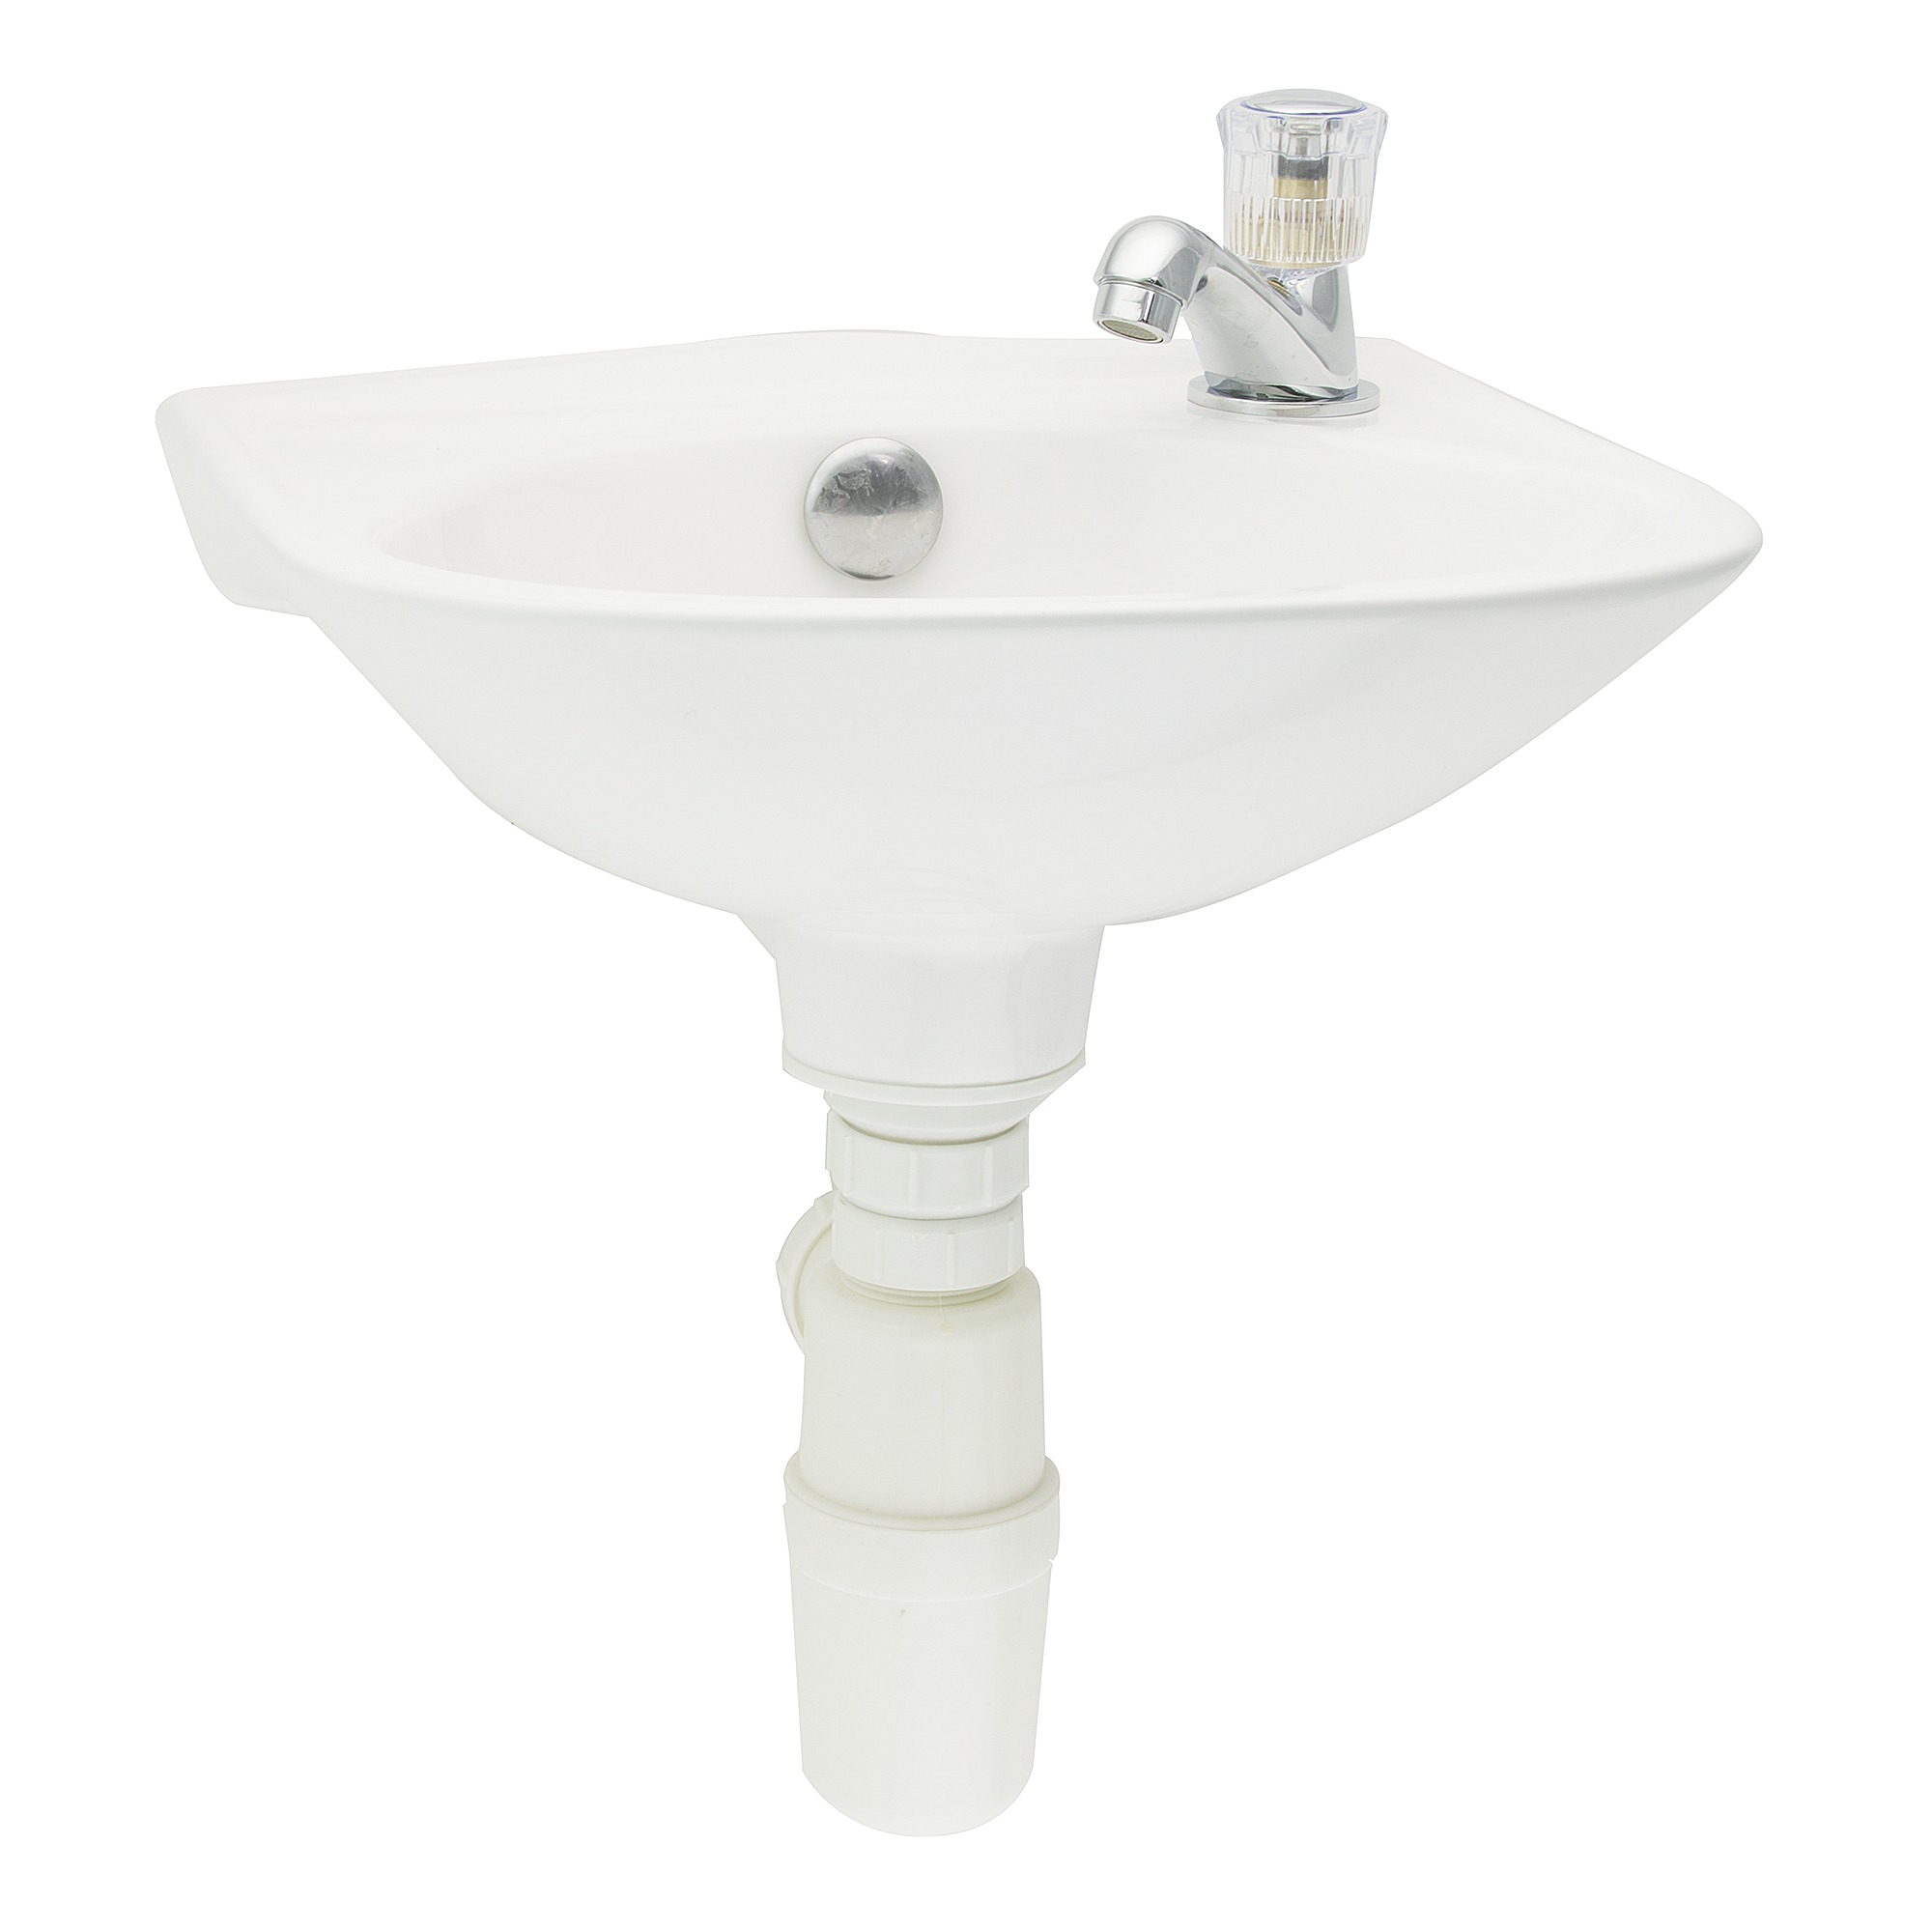 ensemble lave mains gaia avec robinet et siphon blanc lave mains lavabos lave mains. Black Bedroom Furniture Sets. Home Design Ideas